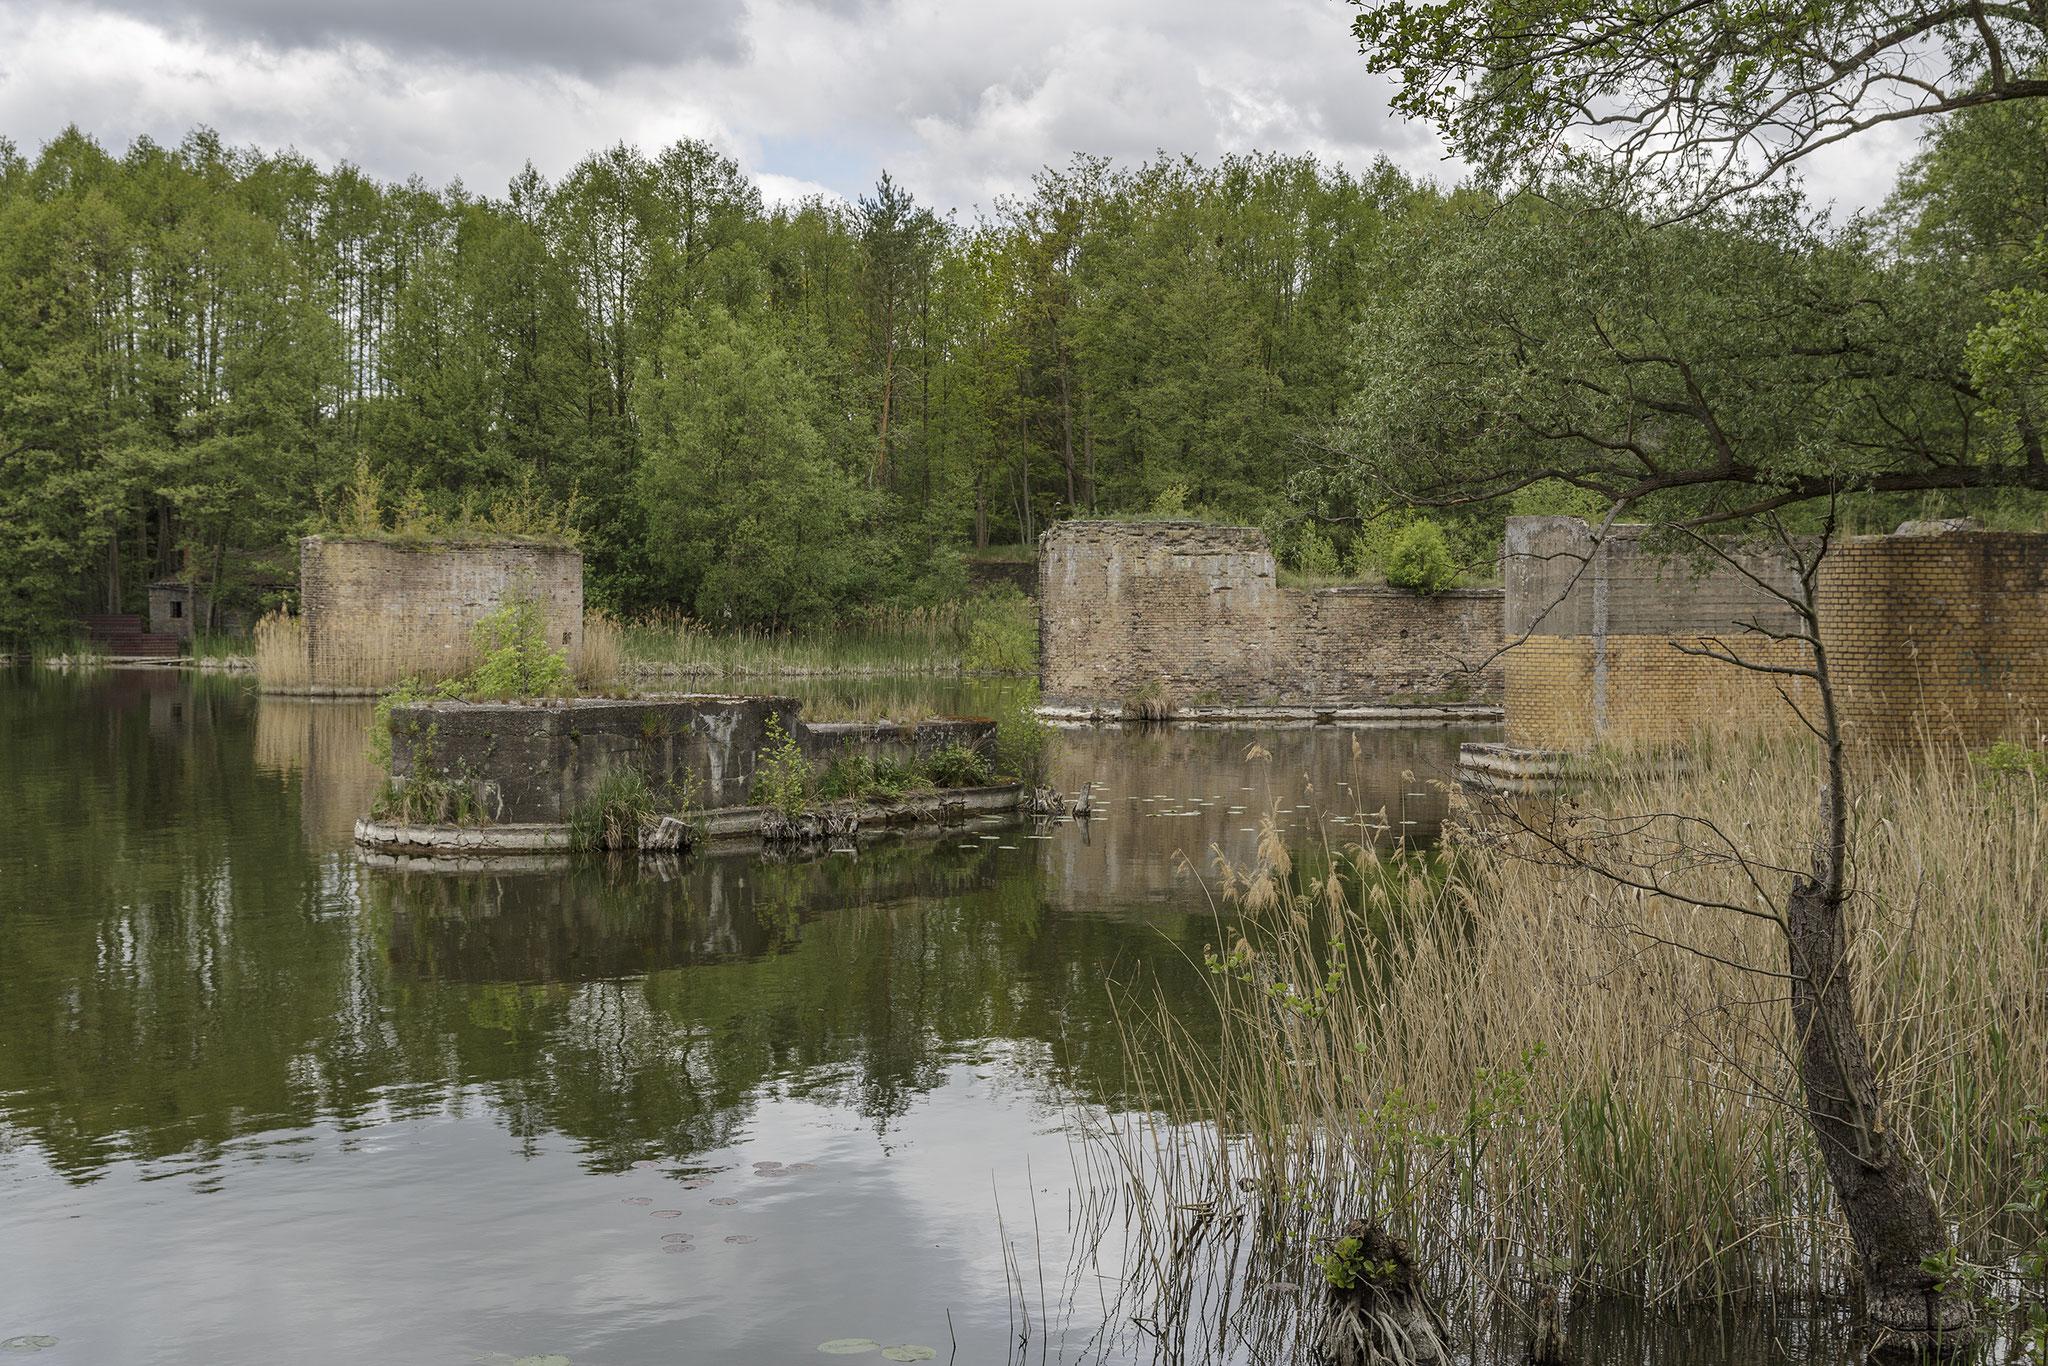 Schumka lake, 2019